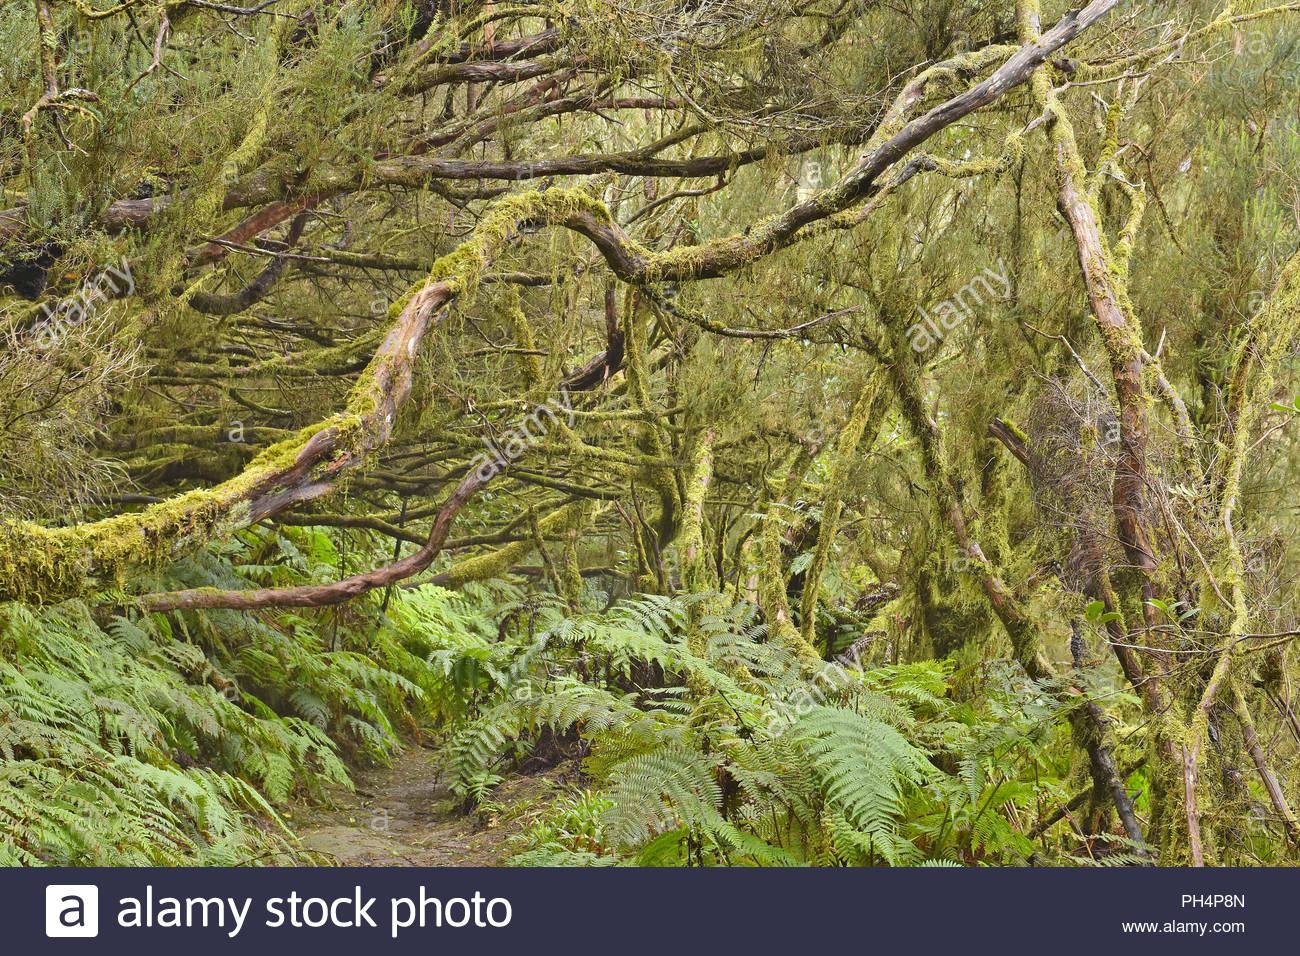 Bäumen bedeckt mit Moos und Flechten, Wanderweg durch dichten Lorbeerwald, Anaga ländlichen Park im Nordosten von Teneriffa Kanarische Inseln Spanien. Stockbild